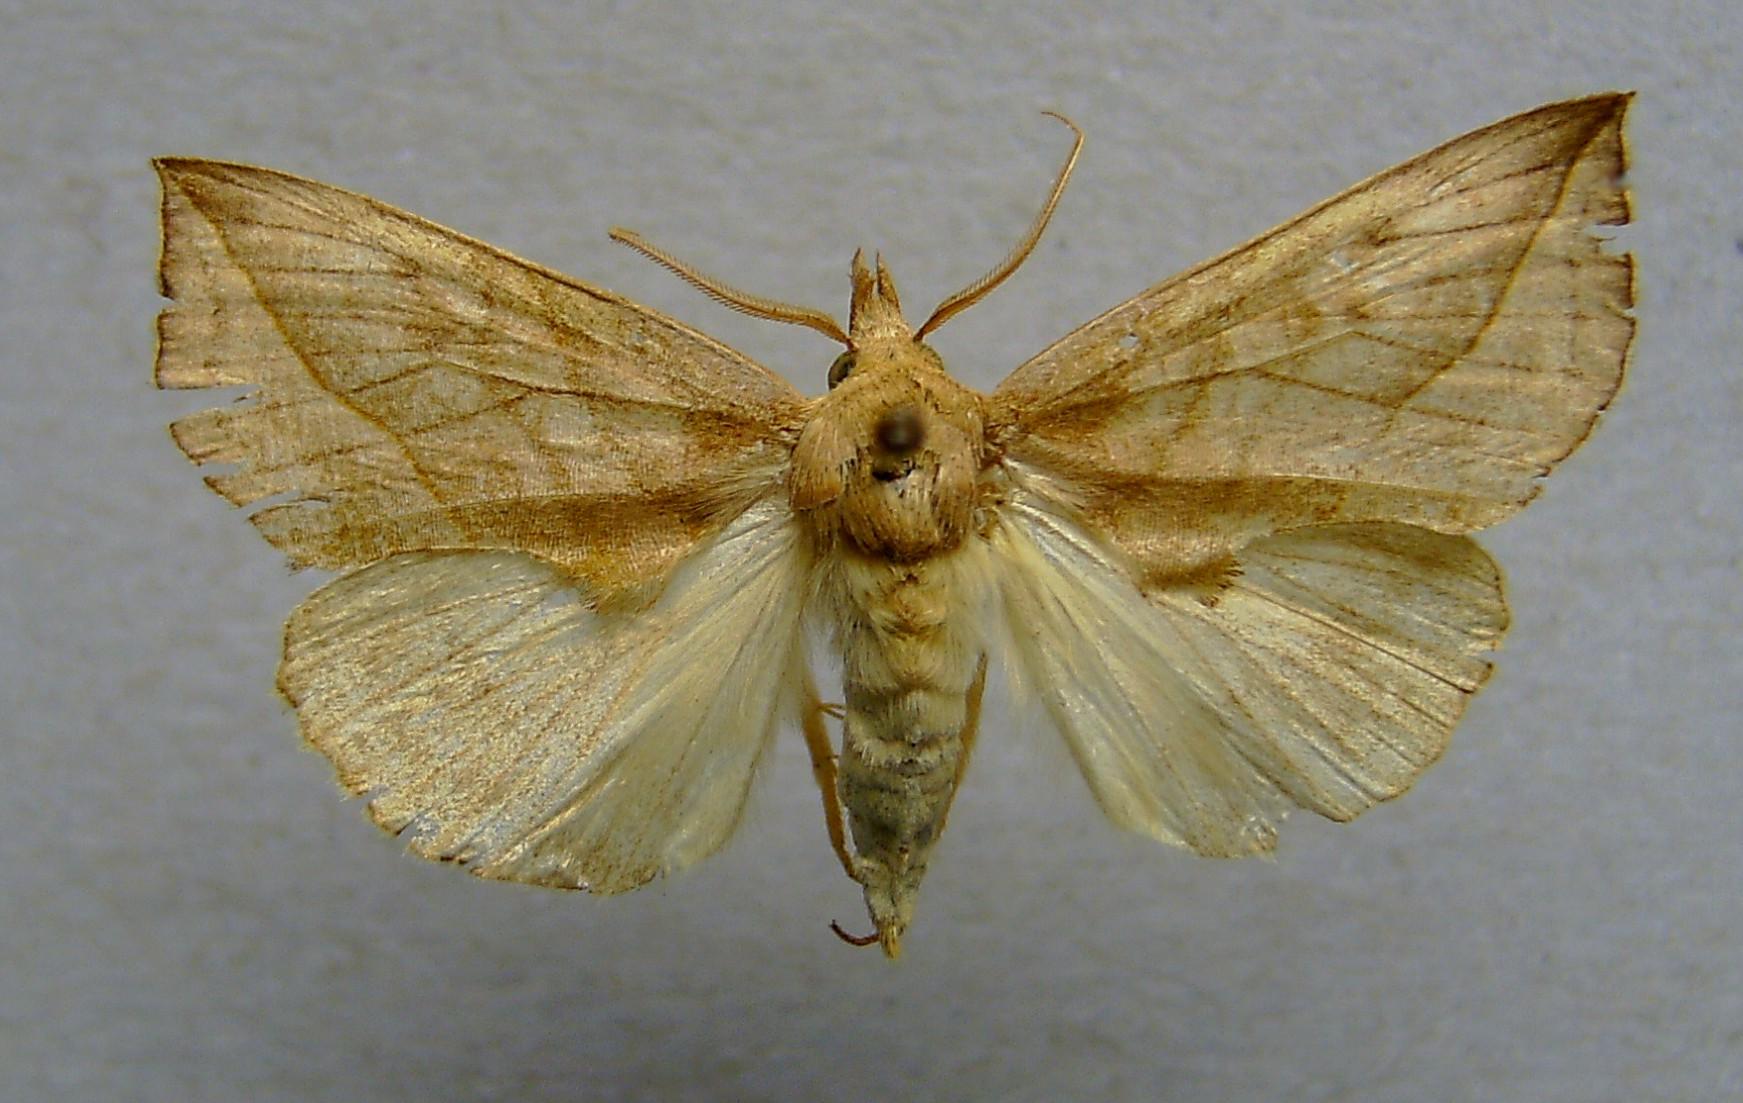 Екатеринбуржанку чуть было не пустили домой из-за укуса египетской бабочки-вампира